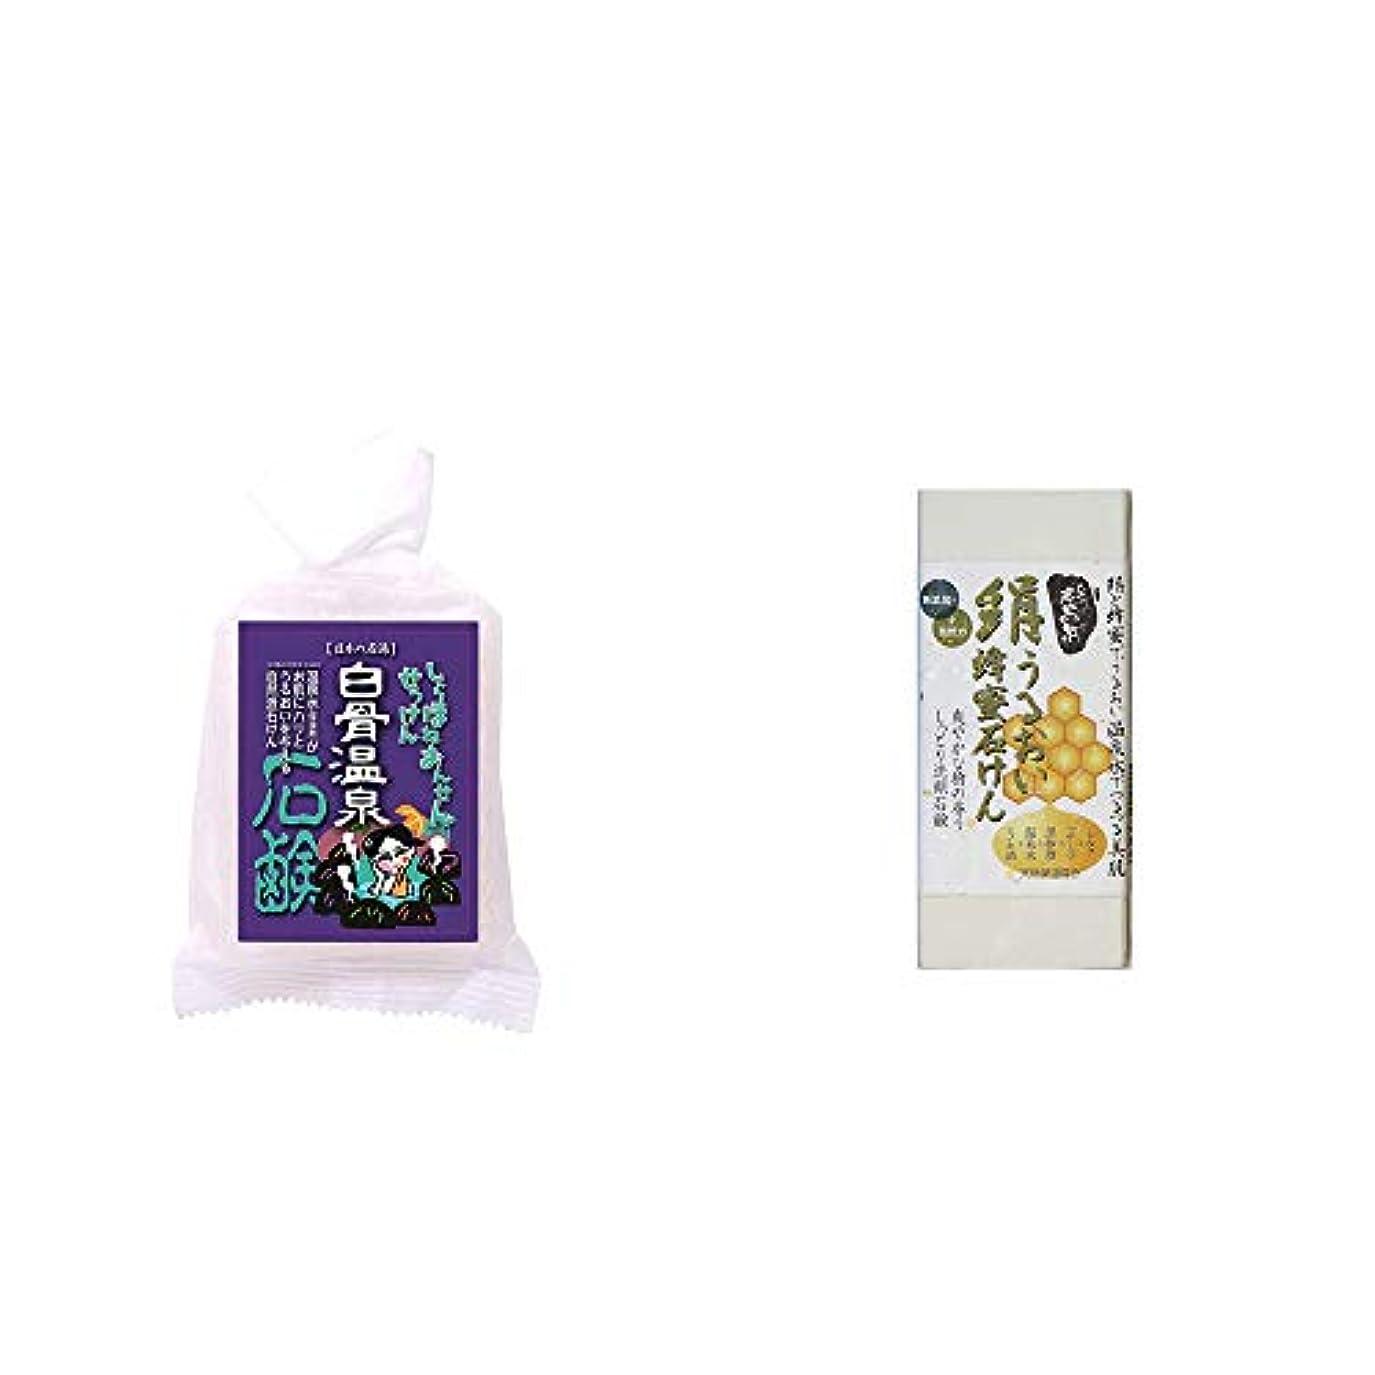 発掘電球音楽を聴く[2点セット] 信州 白骨温泉石鹸(80g)?ひのき炭黒泉 絹うるおい蜂蜜石けん(75g×2)